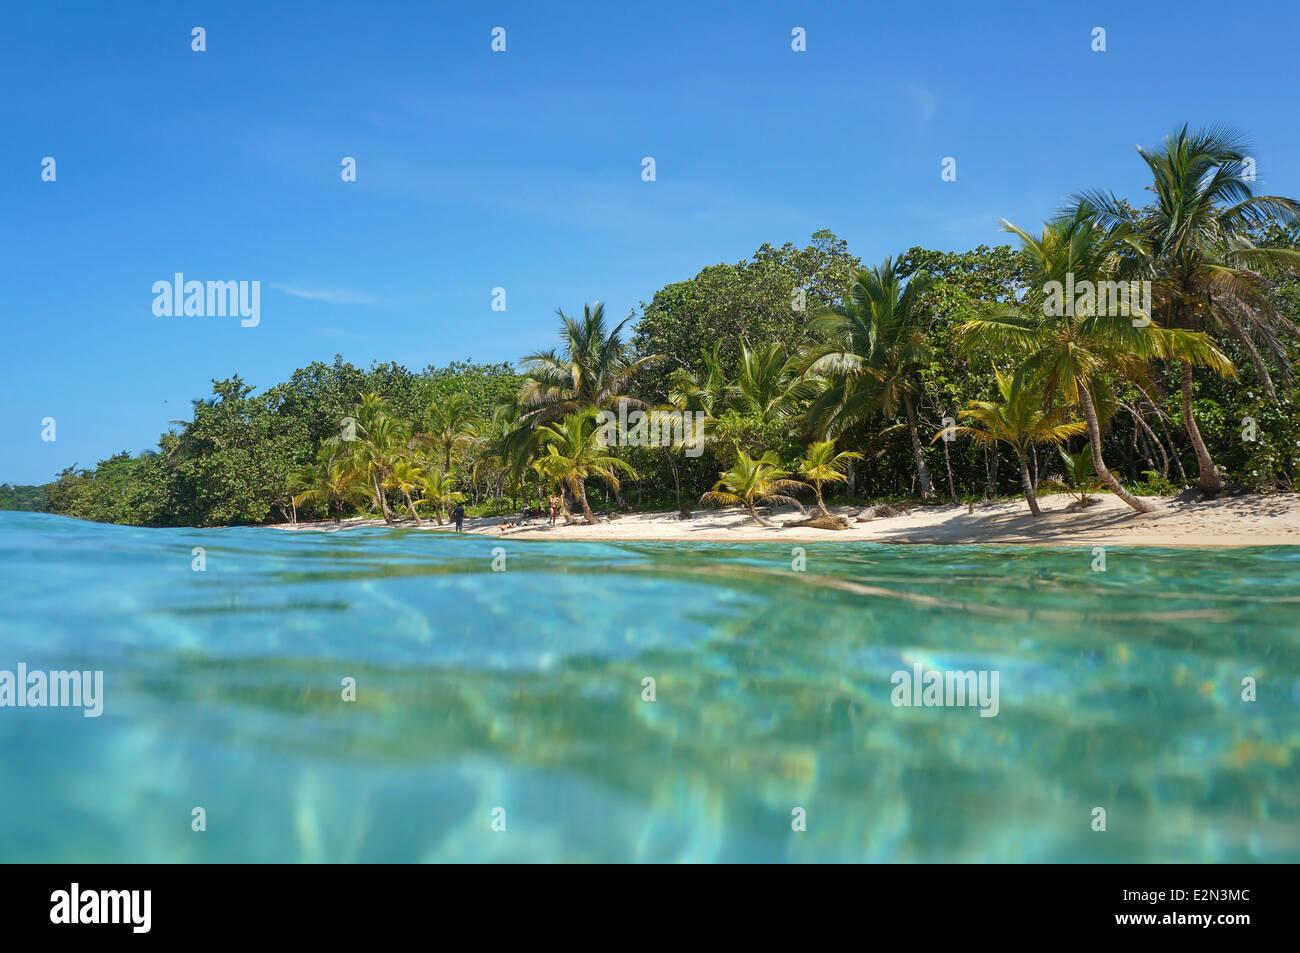 Sandstrand mit tropischer Vegetation betrachtet von der Wasseroberfläche, Karibik, Panama Stockbild